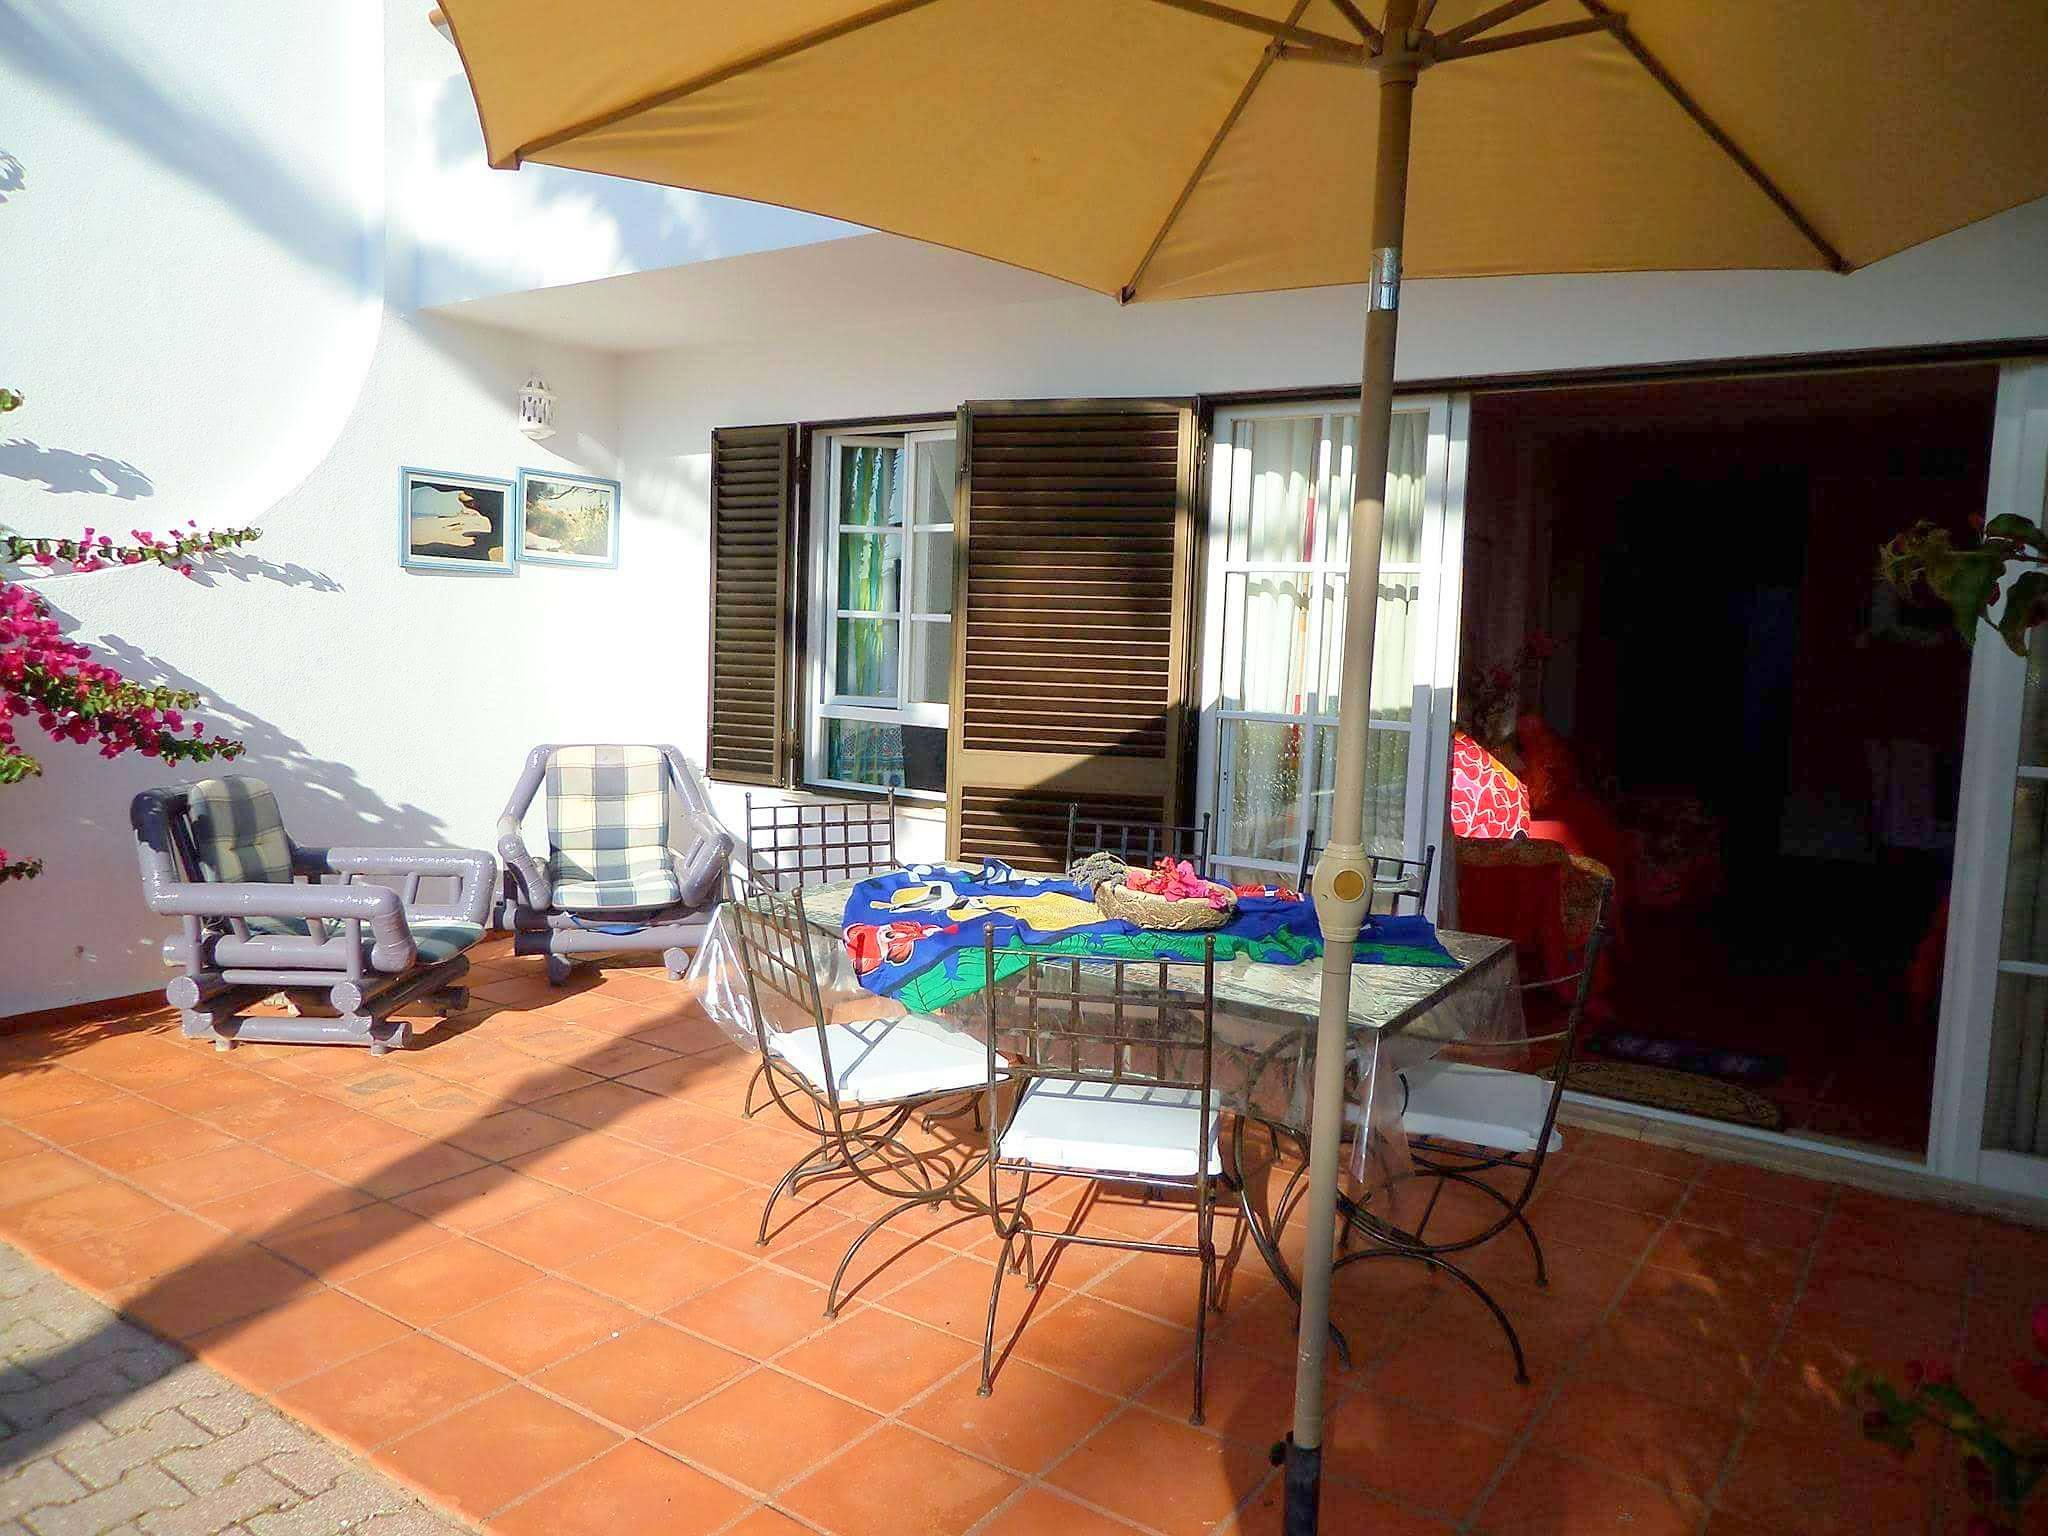 Apartamentos e moradias para alugar, Appart 2 chambres – piscine et tennis – Albufeira em Albufeira, Portugal Algarve, REF_IMG_7166_8632